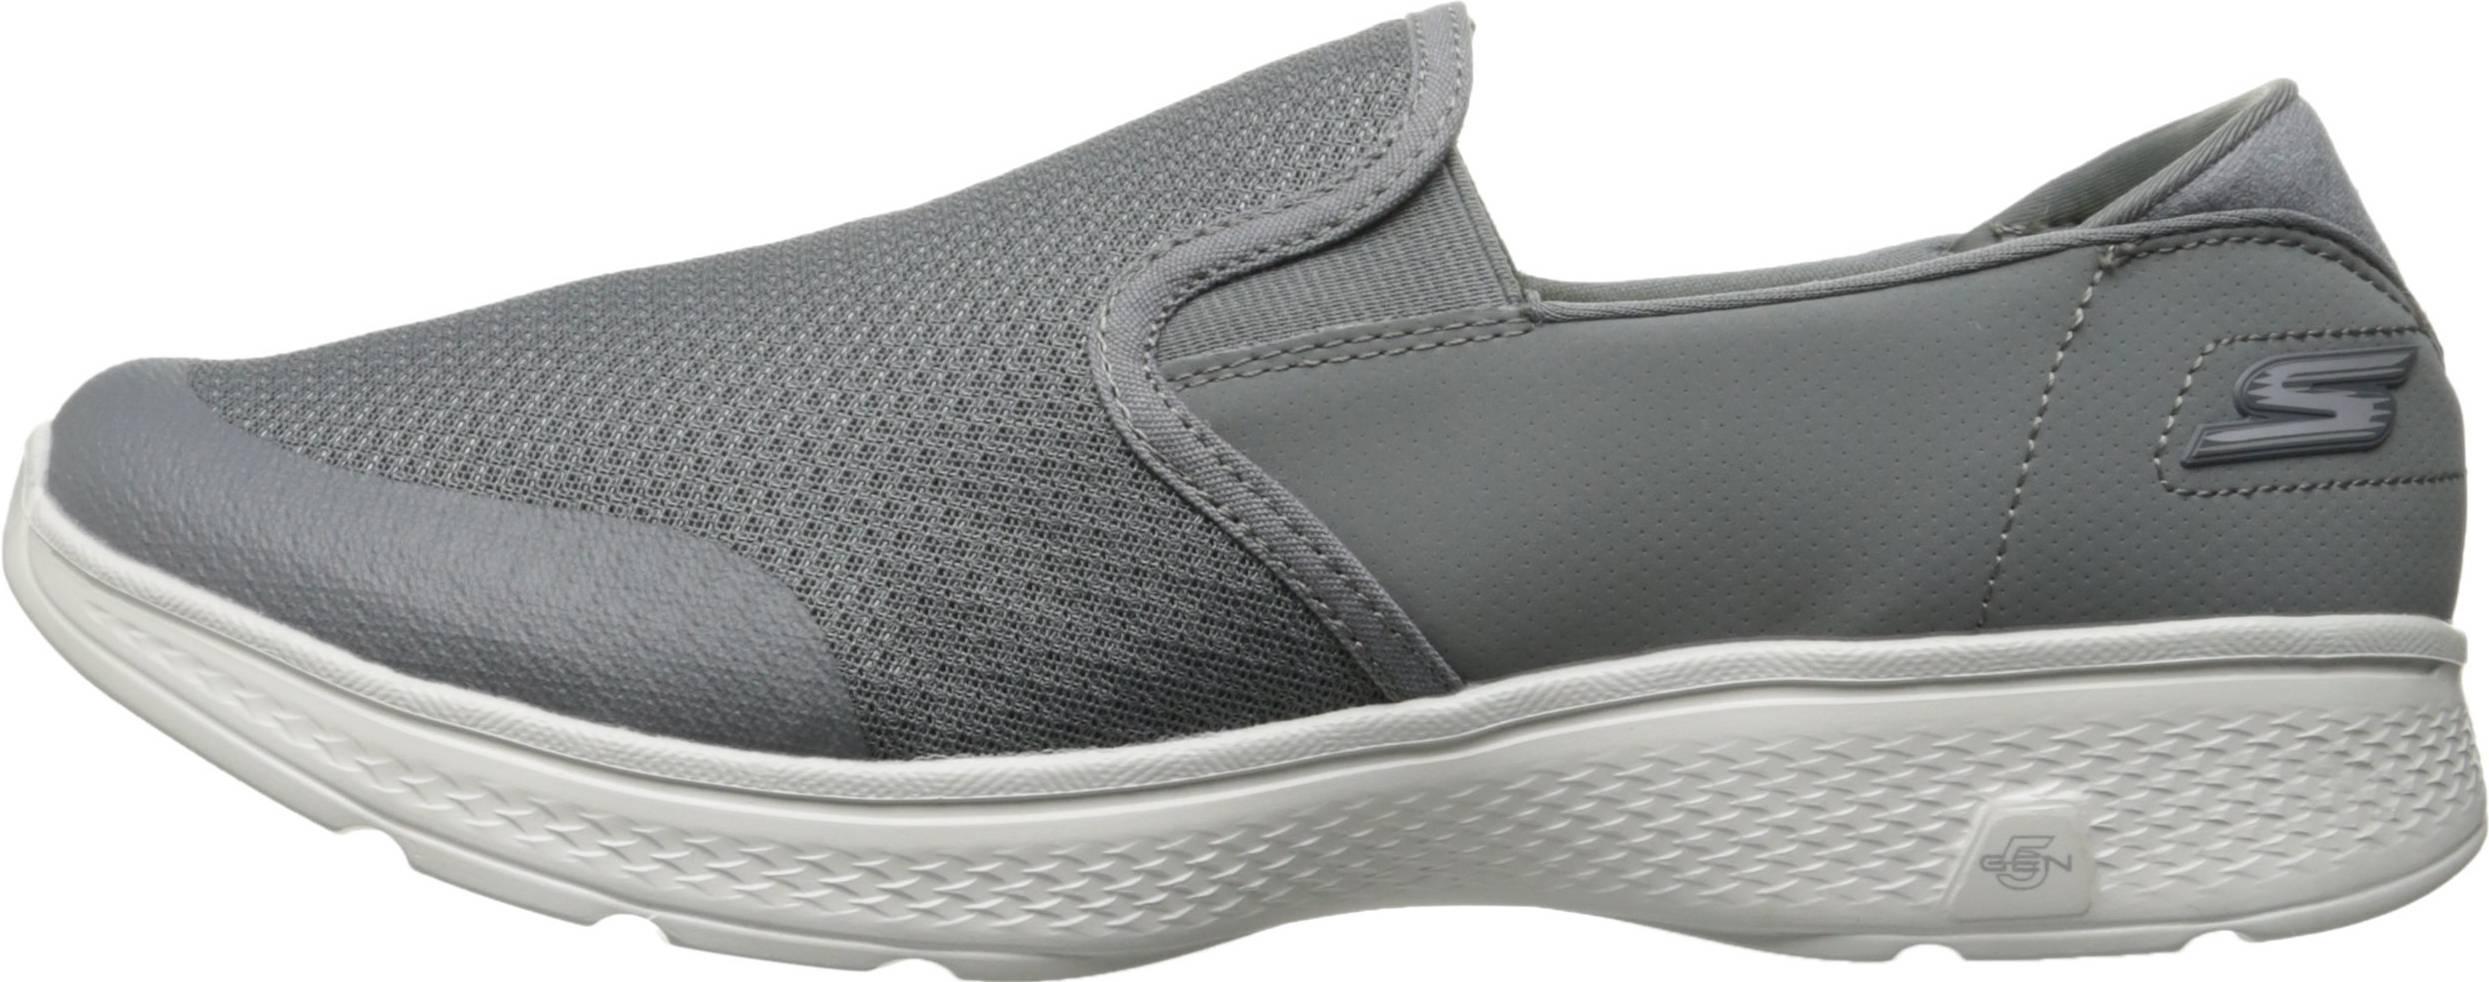 skechers go walk shoes on sale